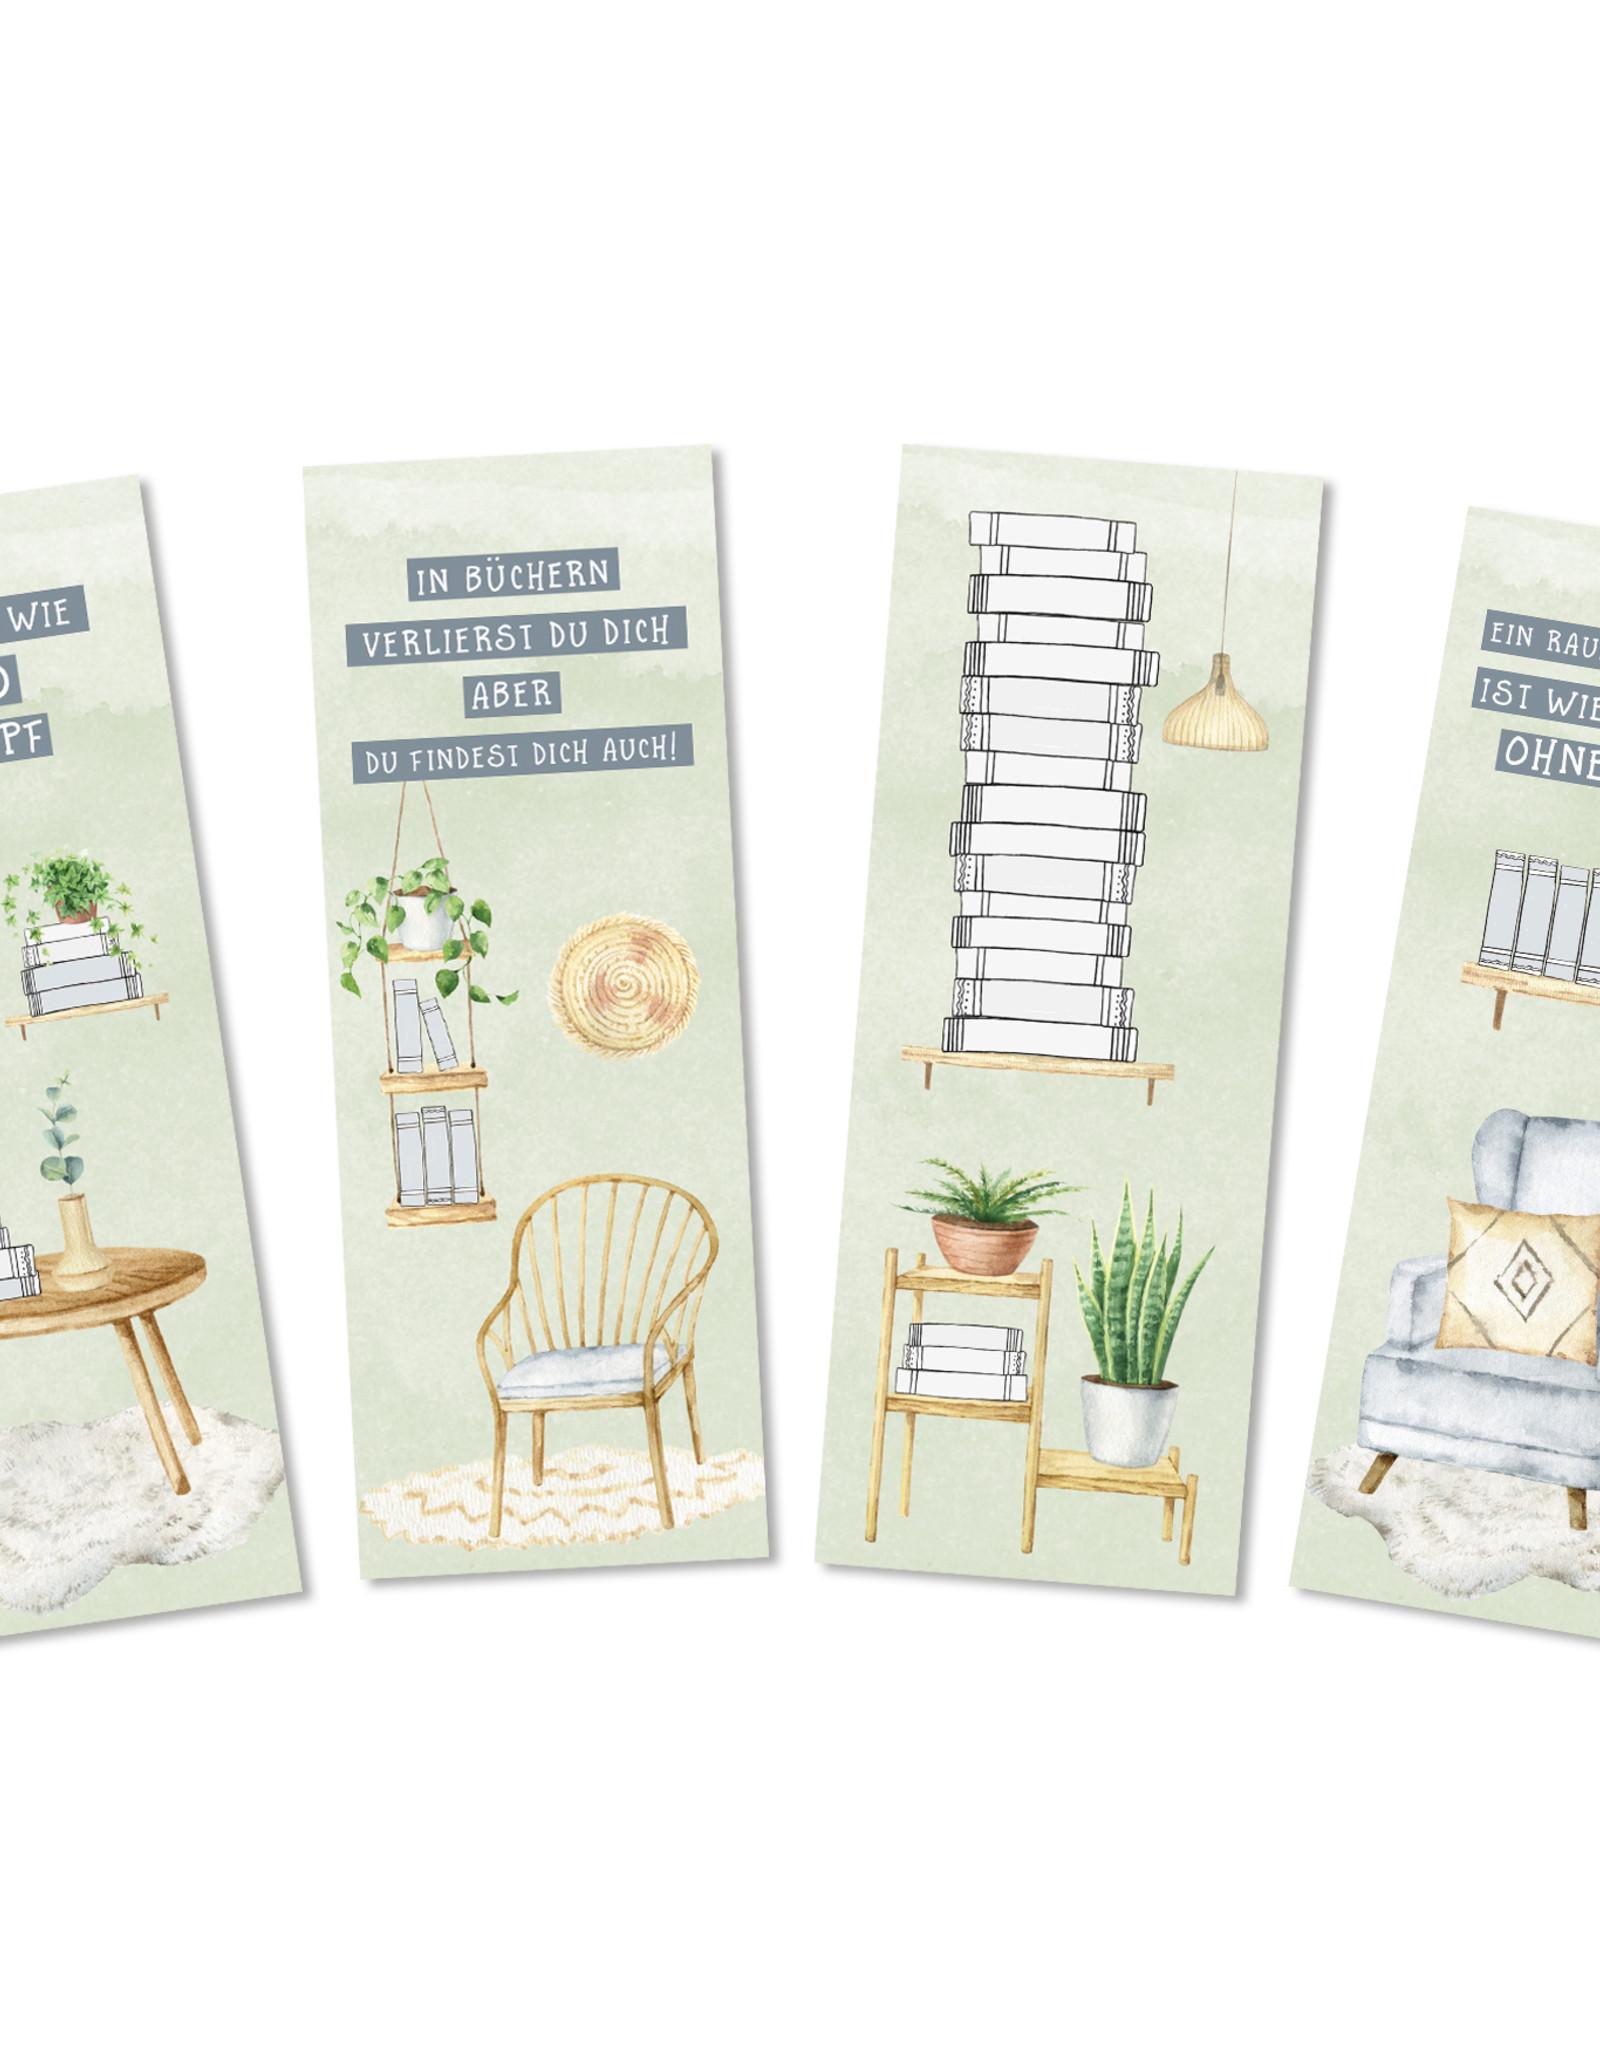 Lesezeichen Set BÜCHER, 4 Lesezeichen Geschenk Freundin, Geschenk Frau, Lesezeichen Papier